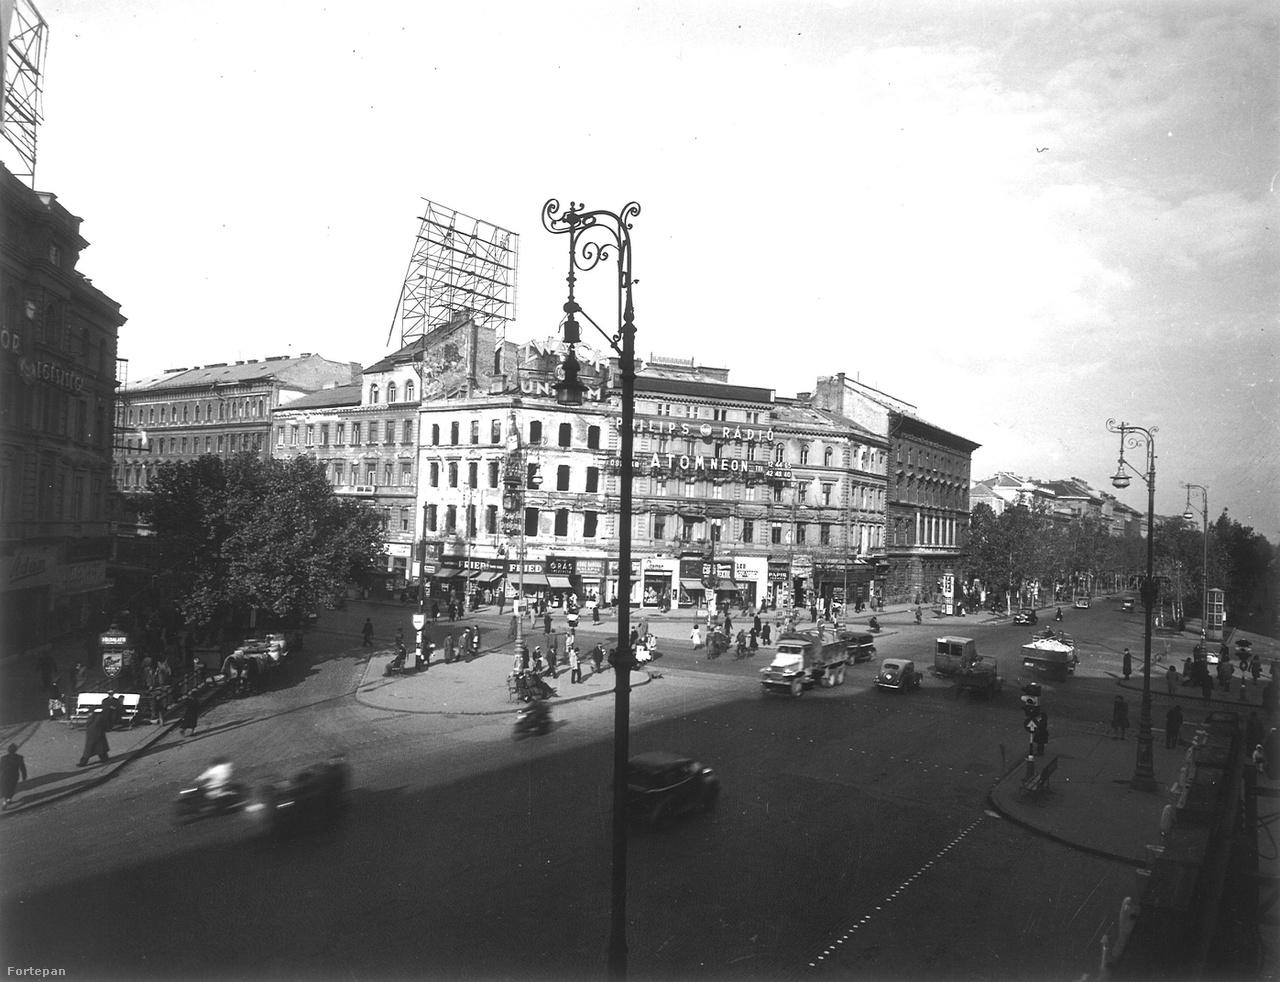 1946-47 körüli lehet a kép. A Tungsram izzólámpás neonja lekerült, helyére még nem raktak semmi. A Zwack tartja magát, ahogy a Philips rádió is. Urai (Unterberger) Oszkár fényreklám cége, az Atom Neon szintén megélt még pár évet a II. világháború után.